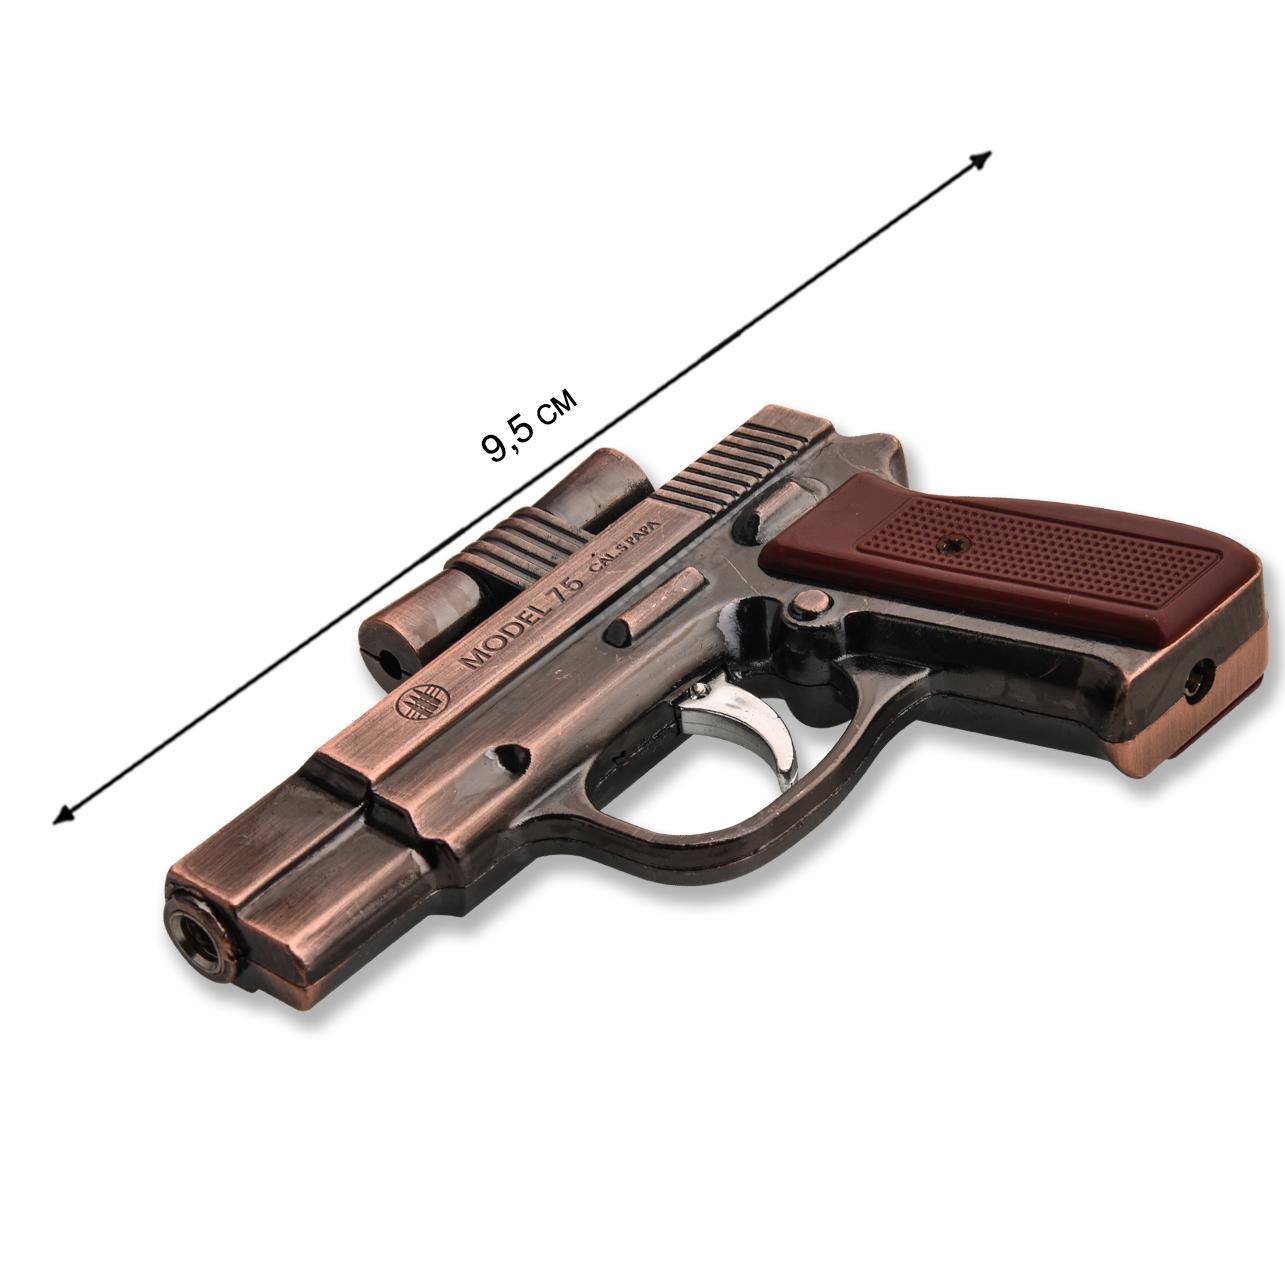 Зажигалка в форме пистолета по выгодной цене